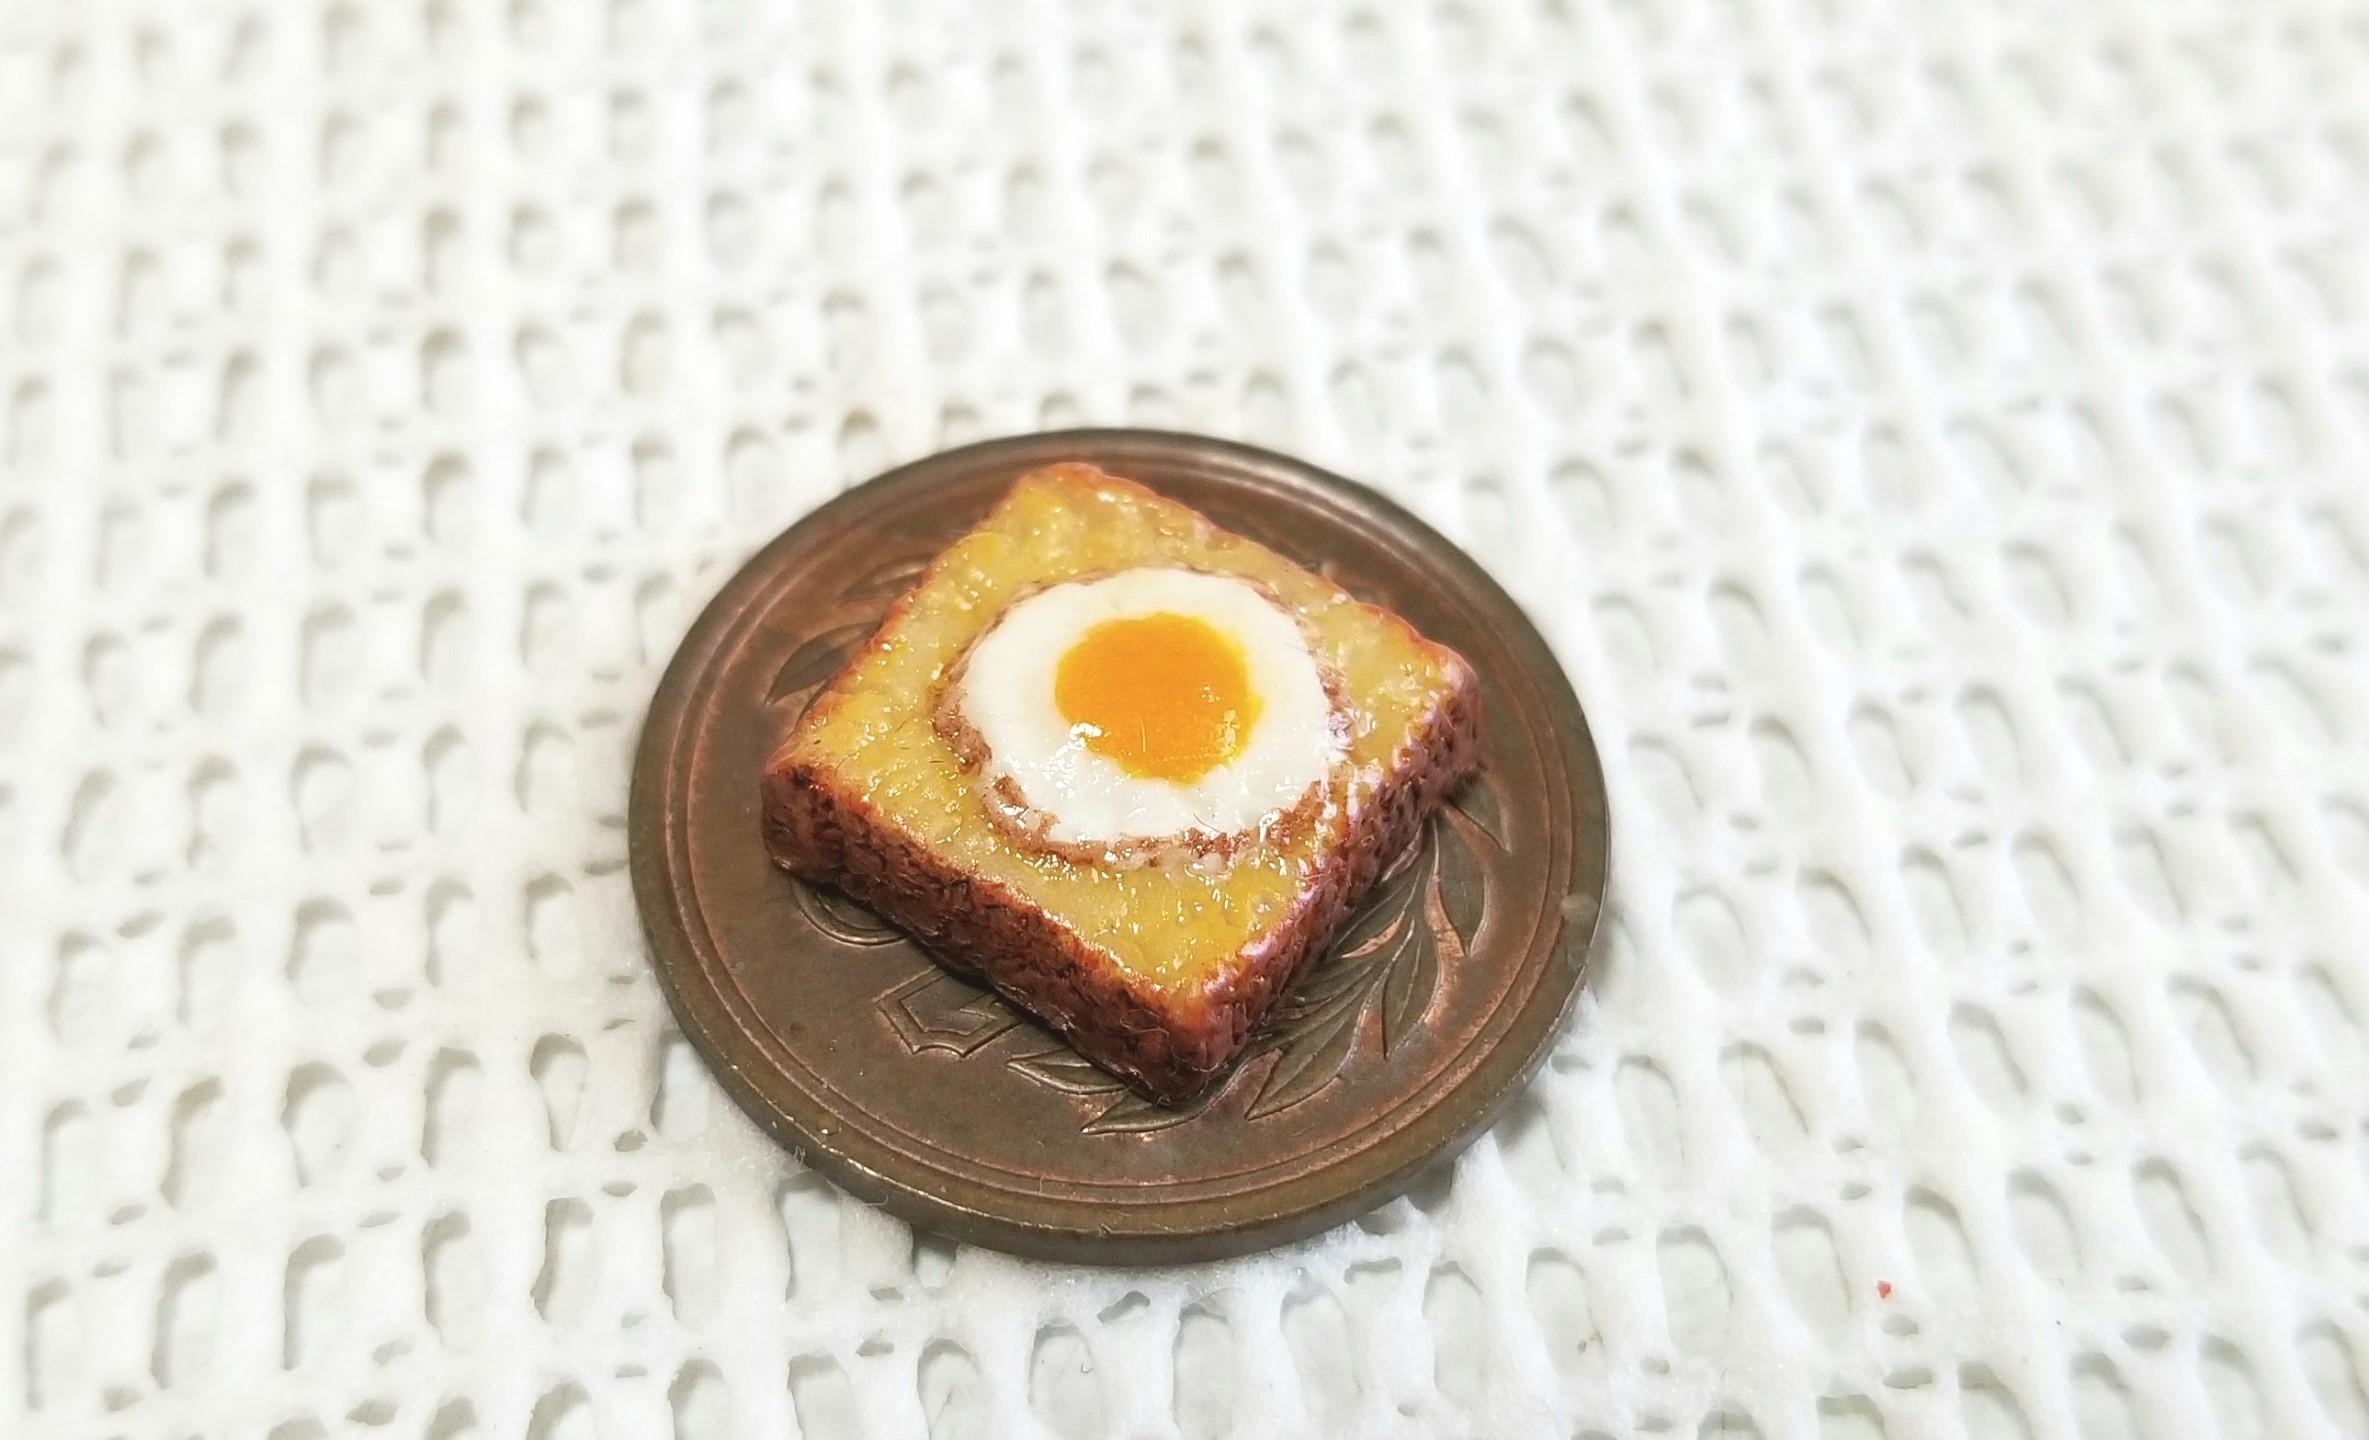 ミニチュア, 目玉焼きトースト, 食パン, 樹脂粘土, ハンドメイド